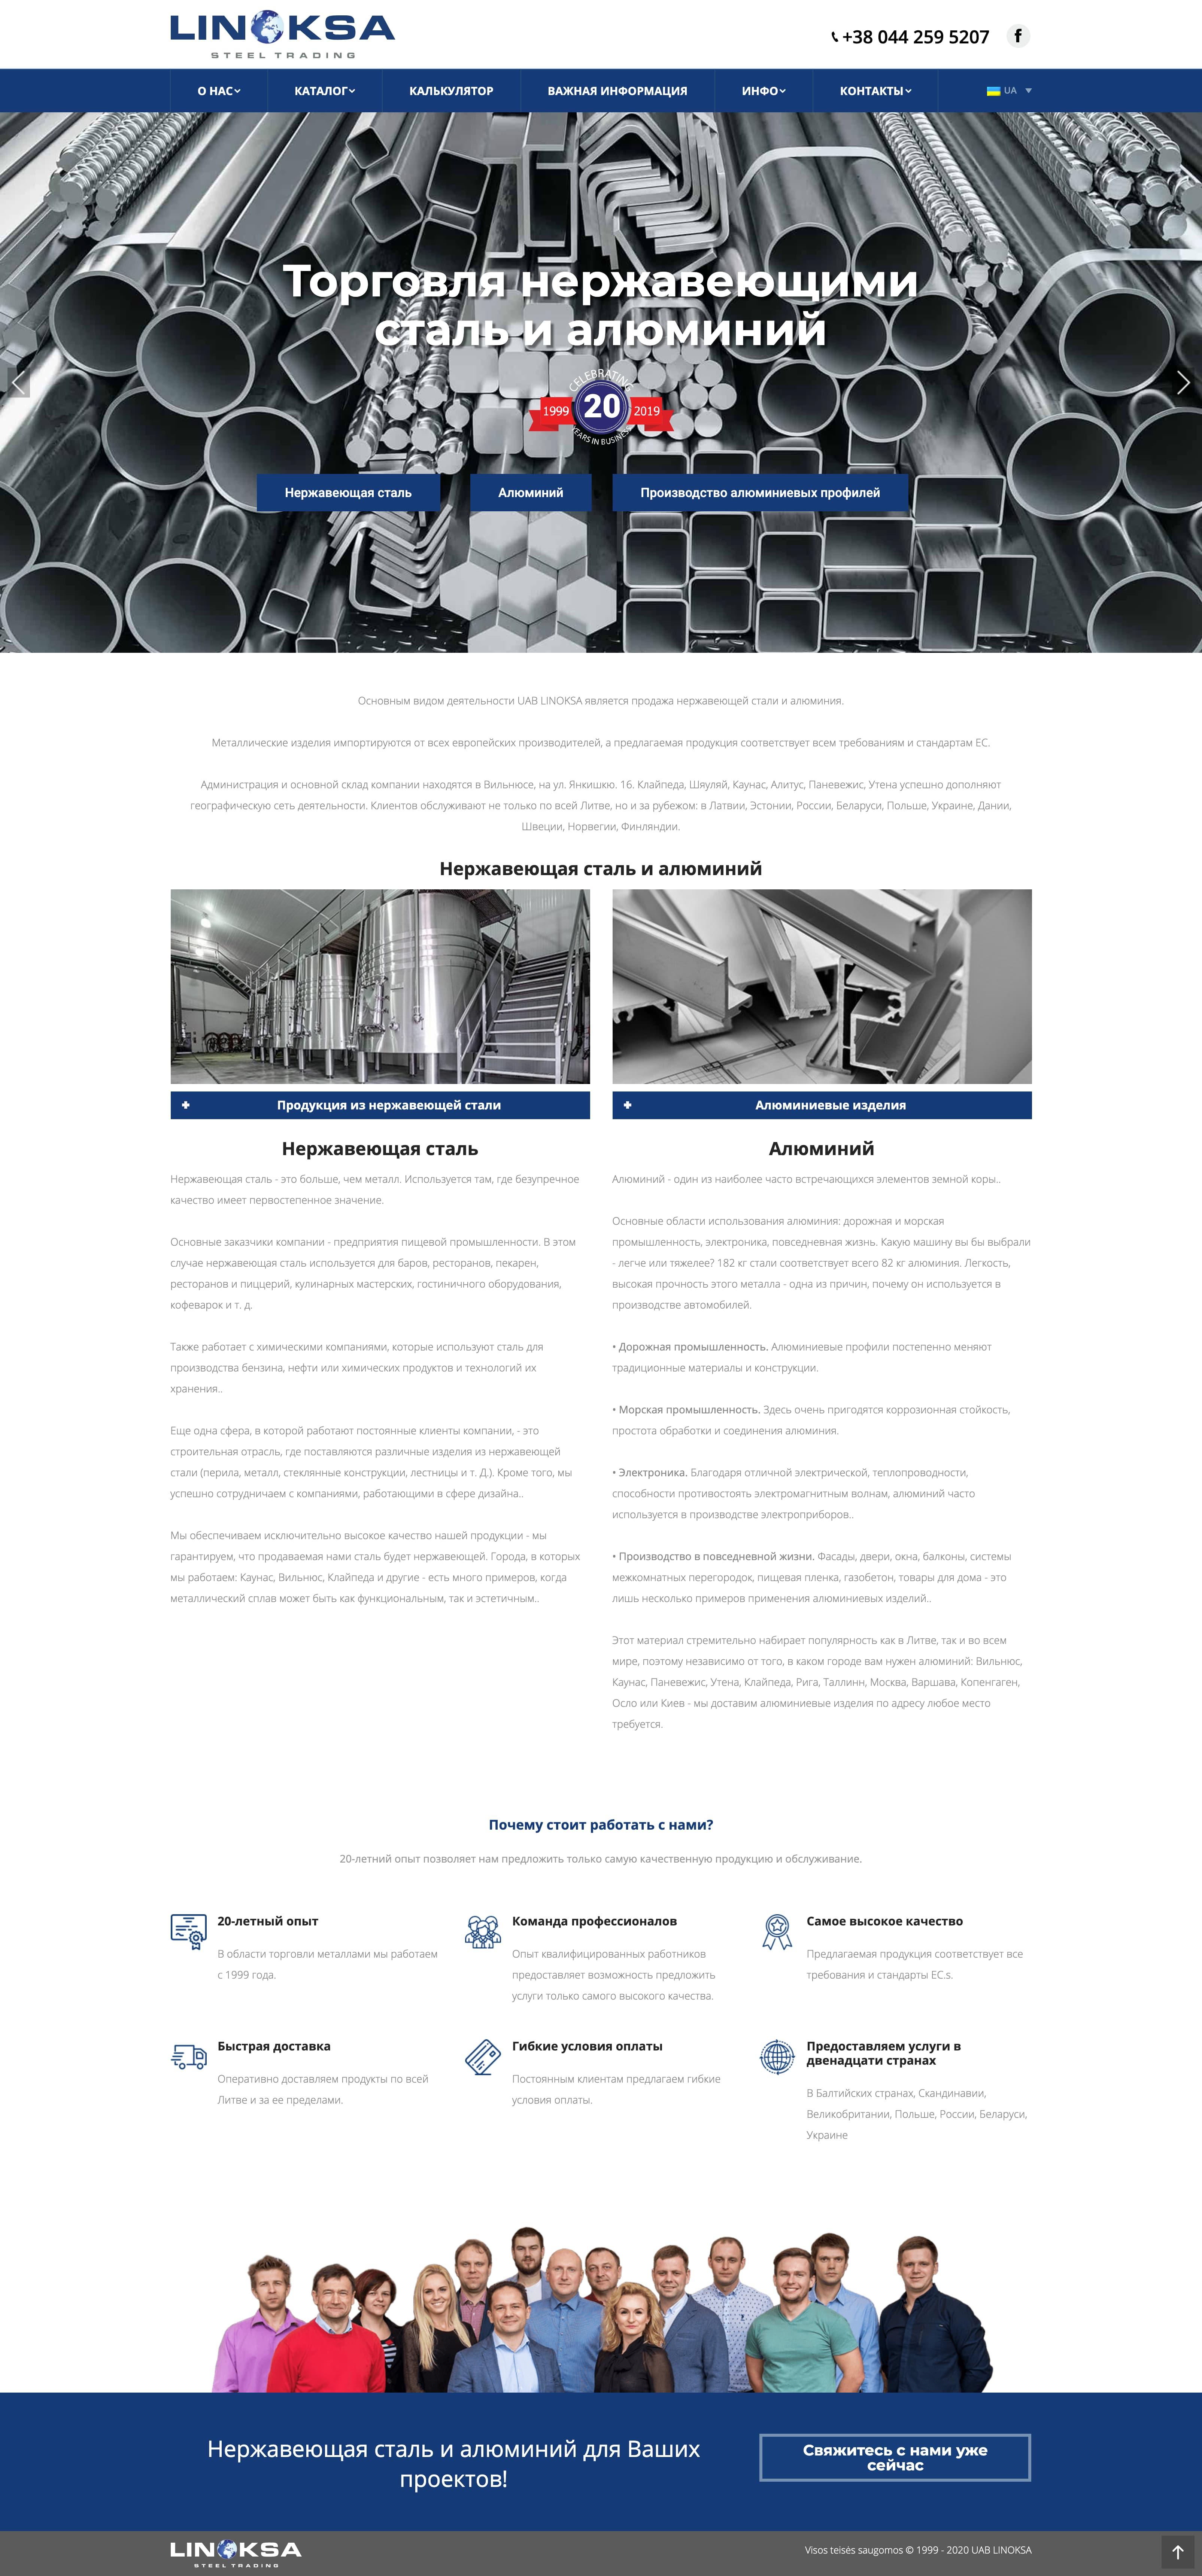 Фото Создание сайта Визитки: Международная компания по продажи стали   Сроки: 13 дня Стоимость: 8000 грн.